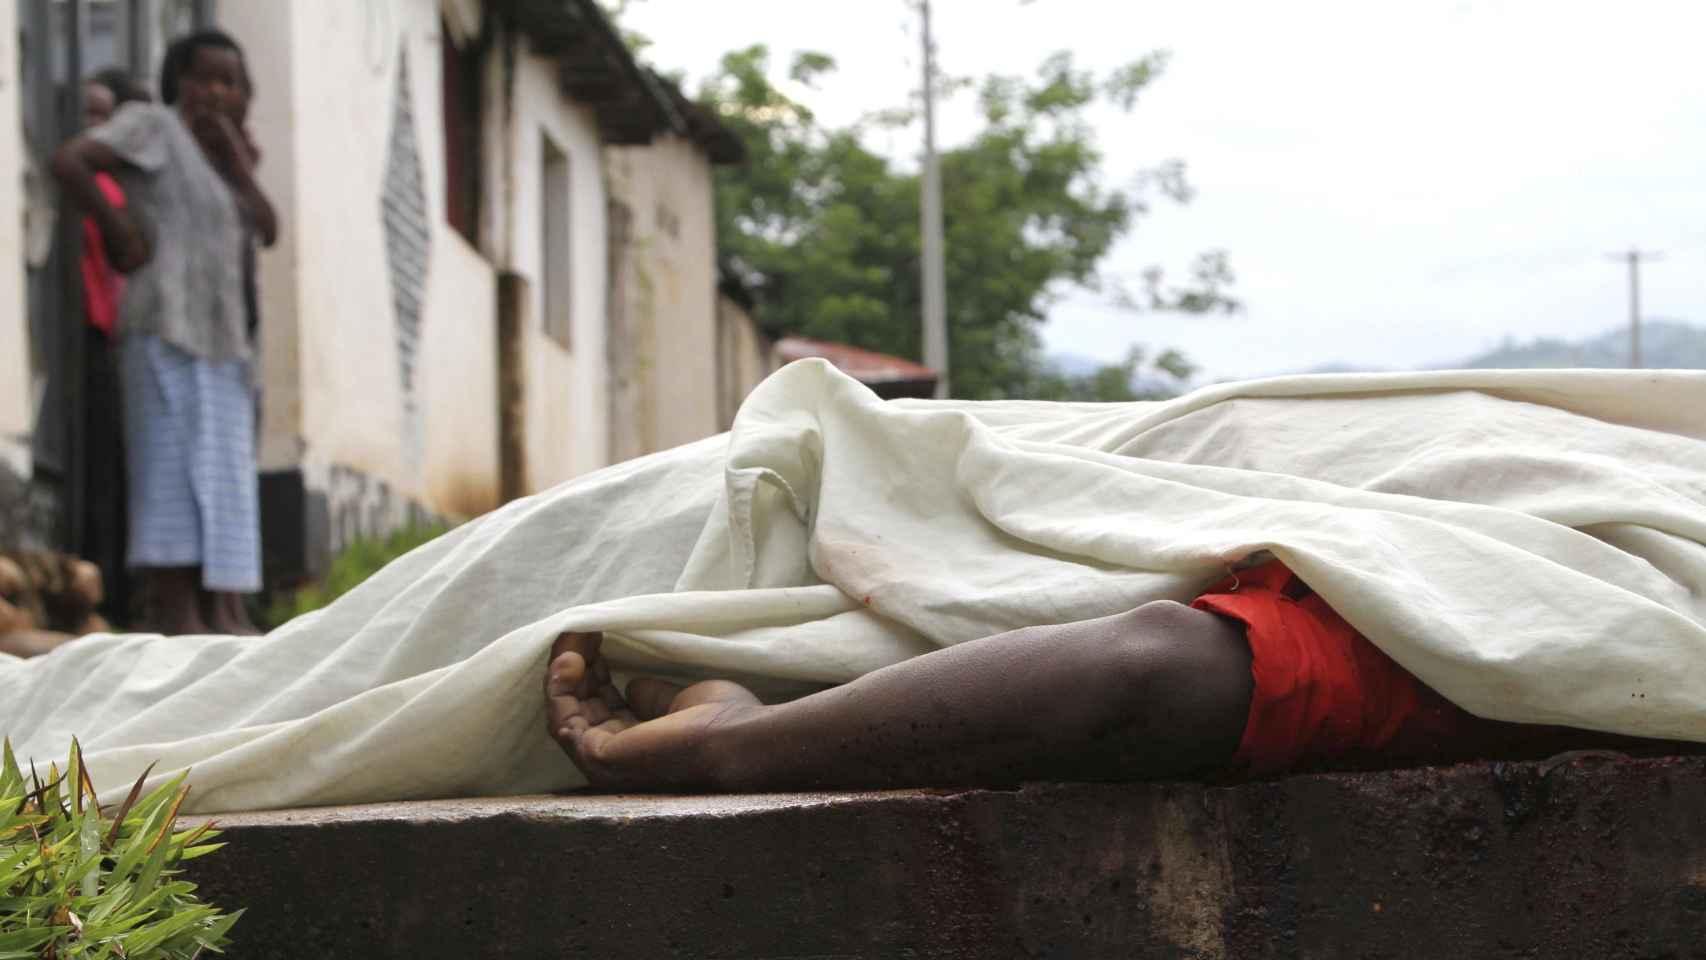 La violencia desatada en Buyumbura arrojó decenas de cadáveres a las calles.